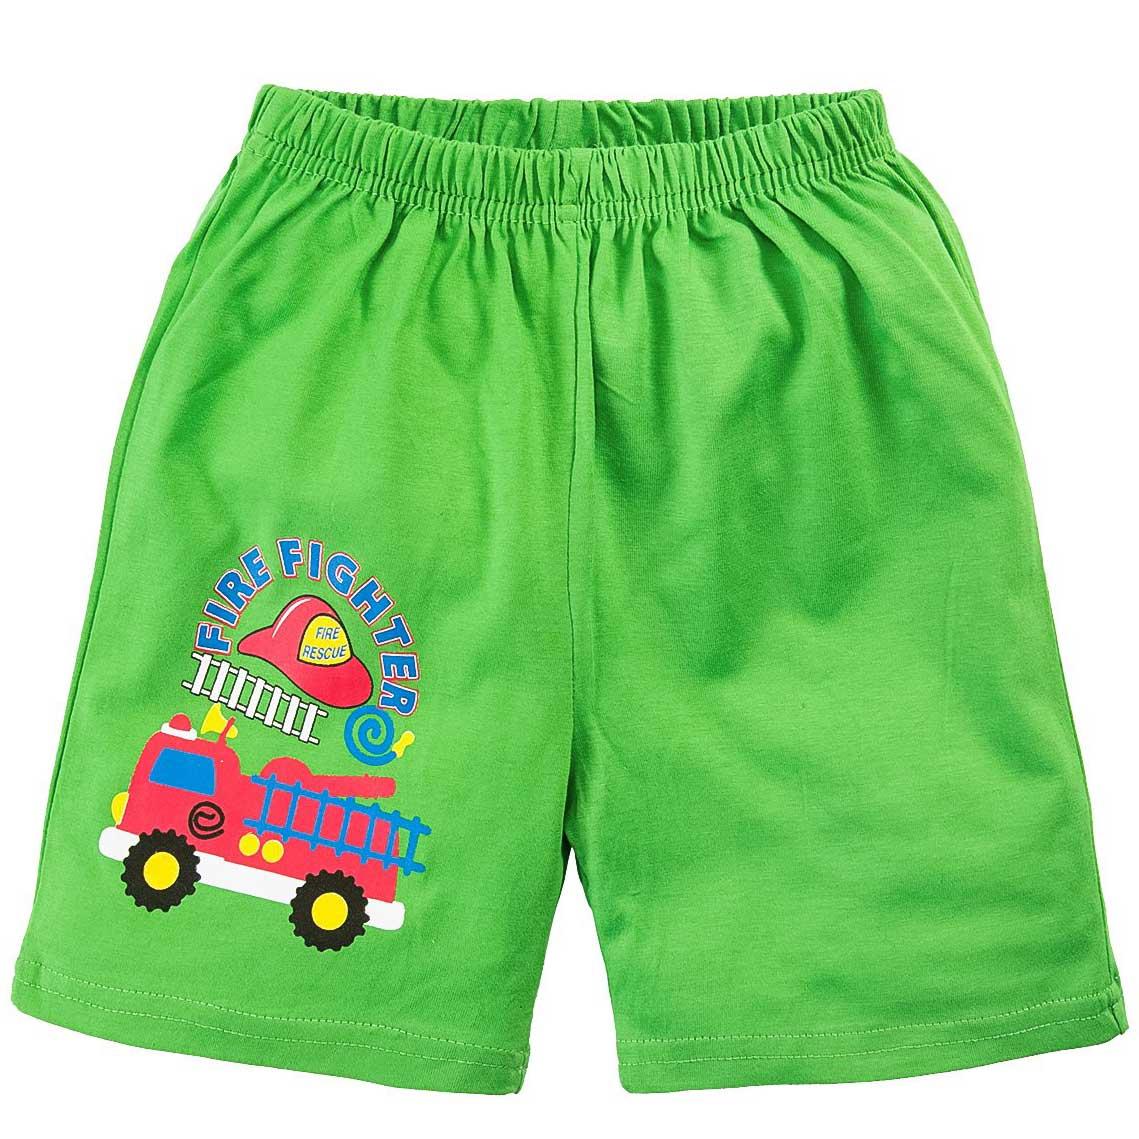 Шорты для мальчика зеленые с принтом